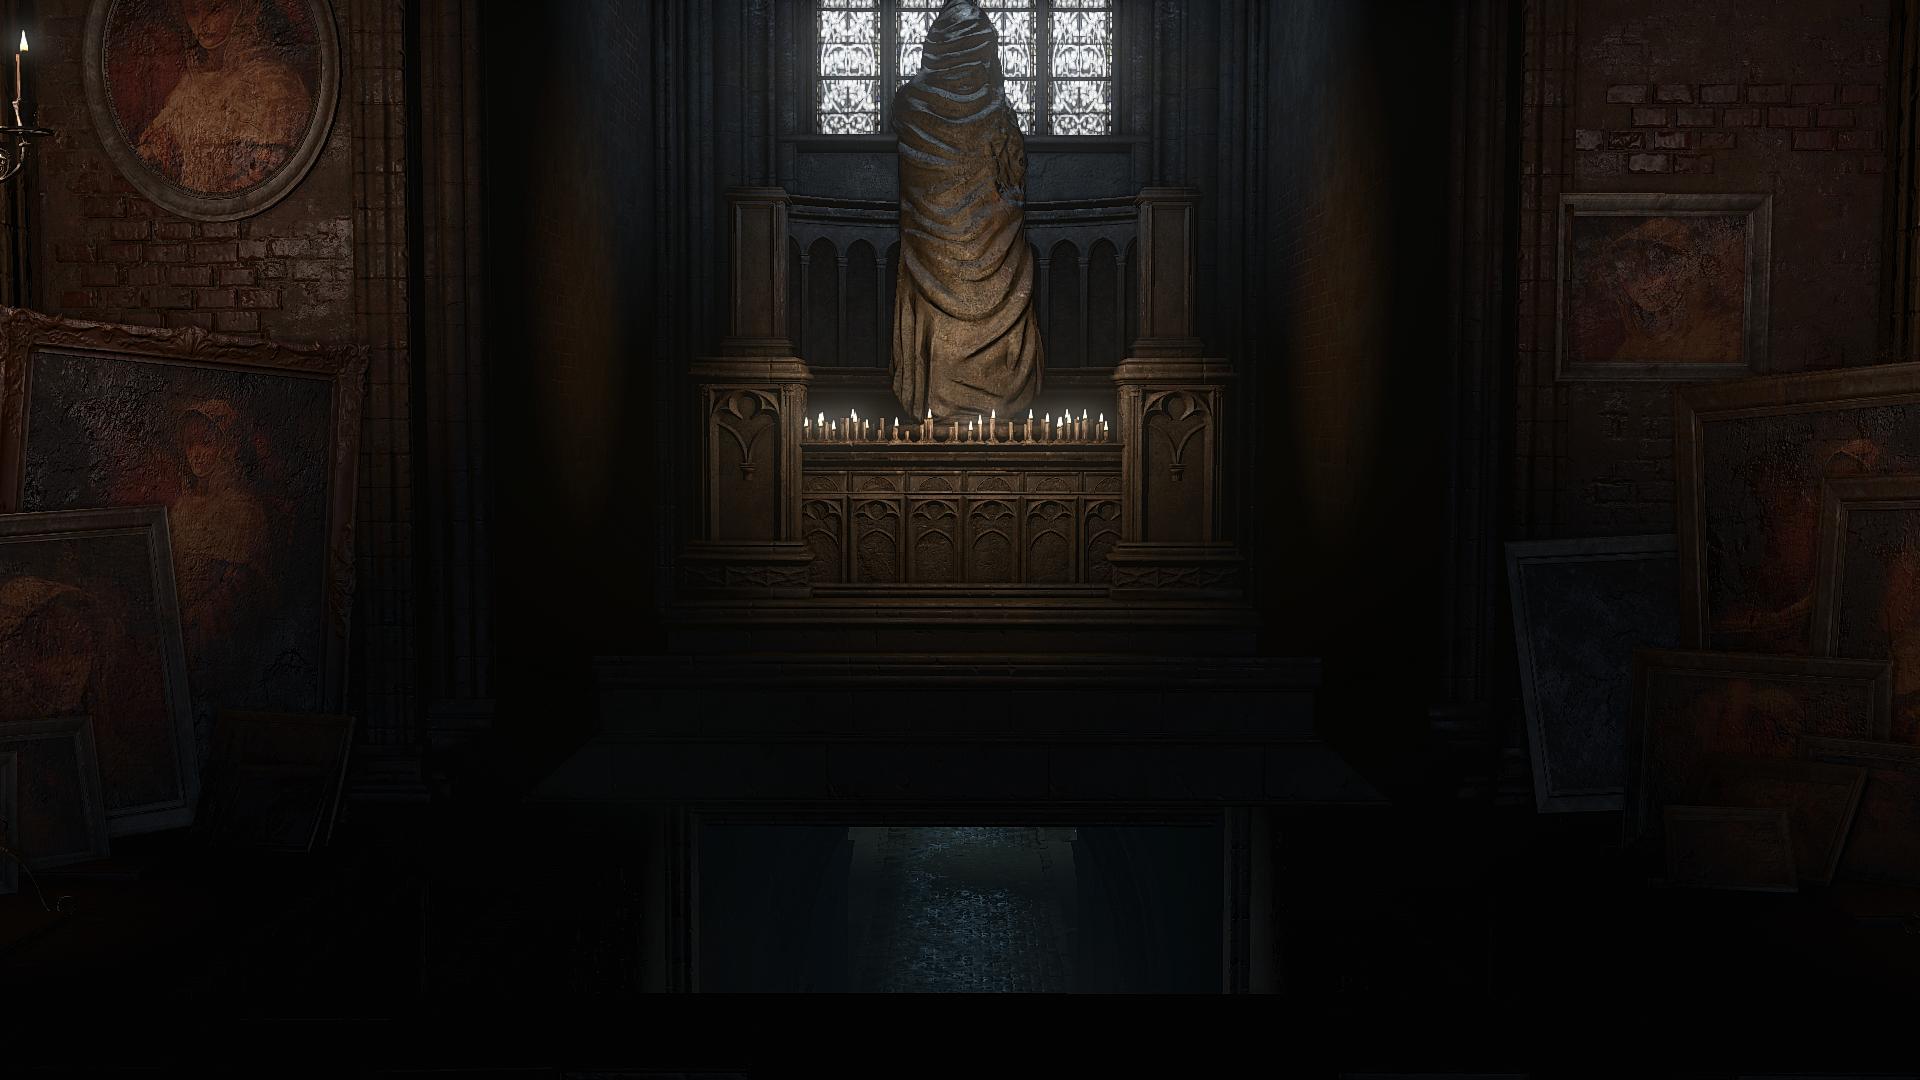 Фрида путешественница - Dark Souls 3 Сестра Фриде, Эльфриде